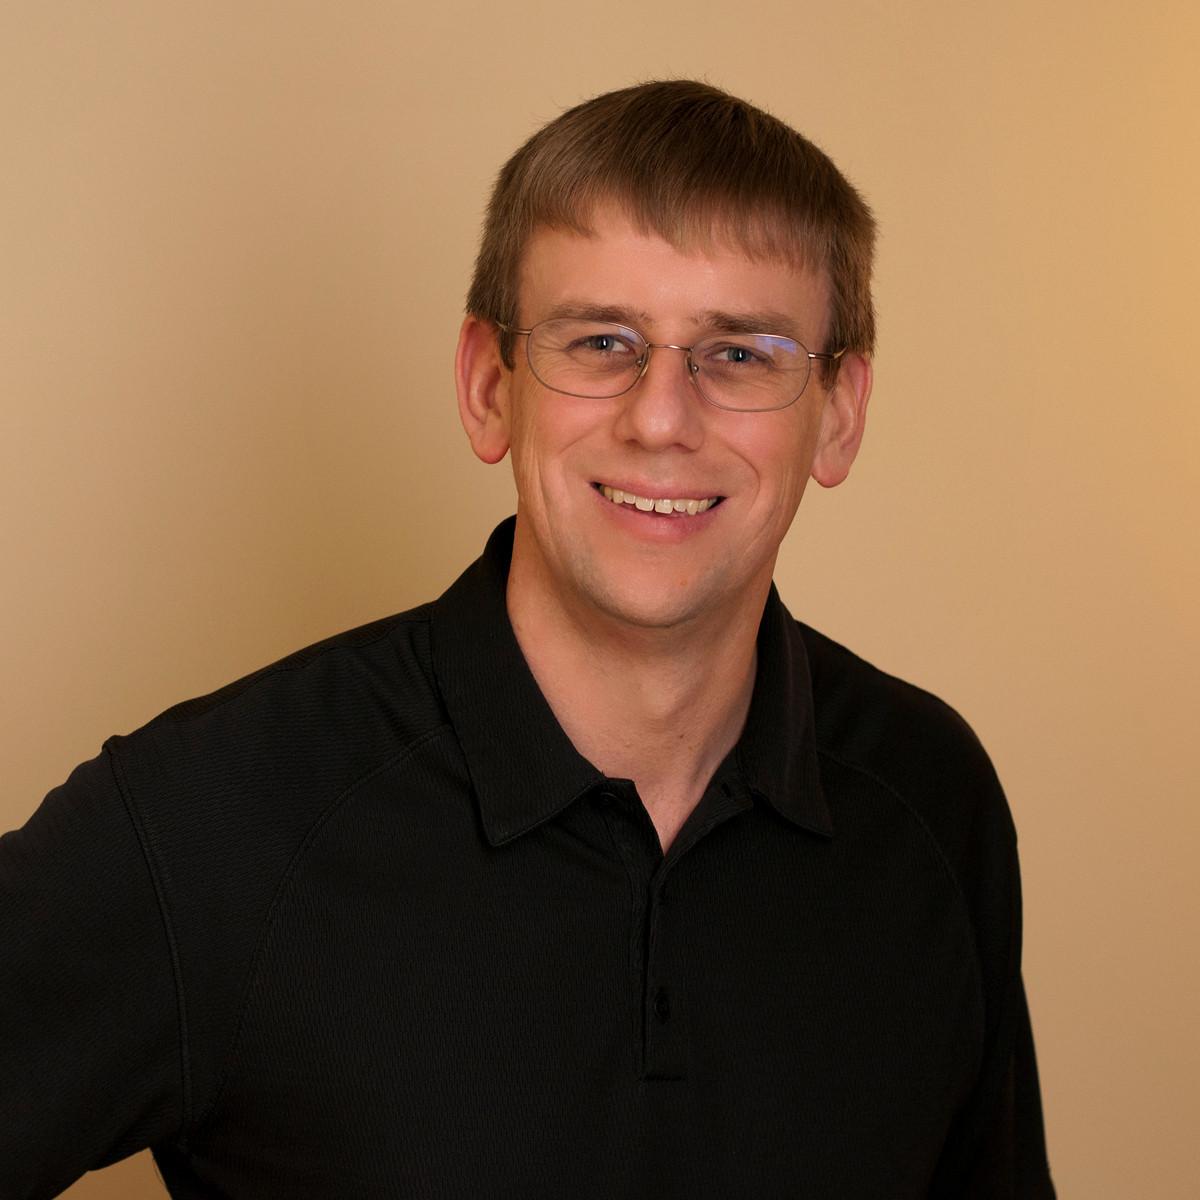 Jeff Elbracht